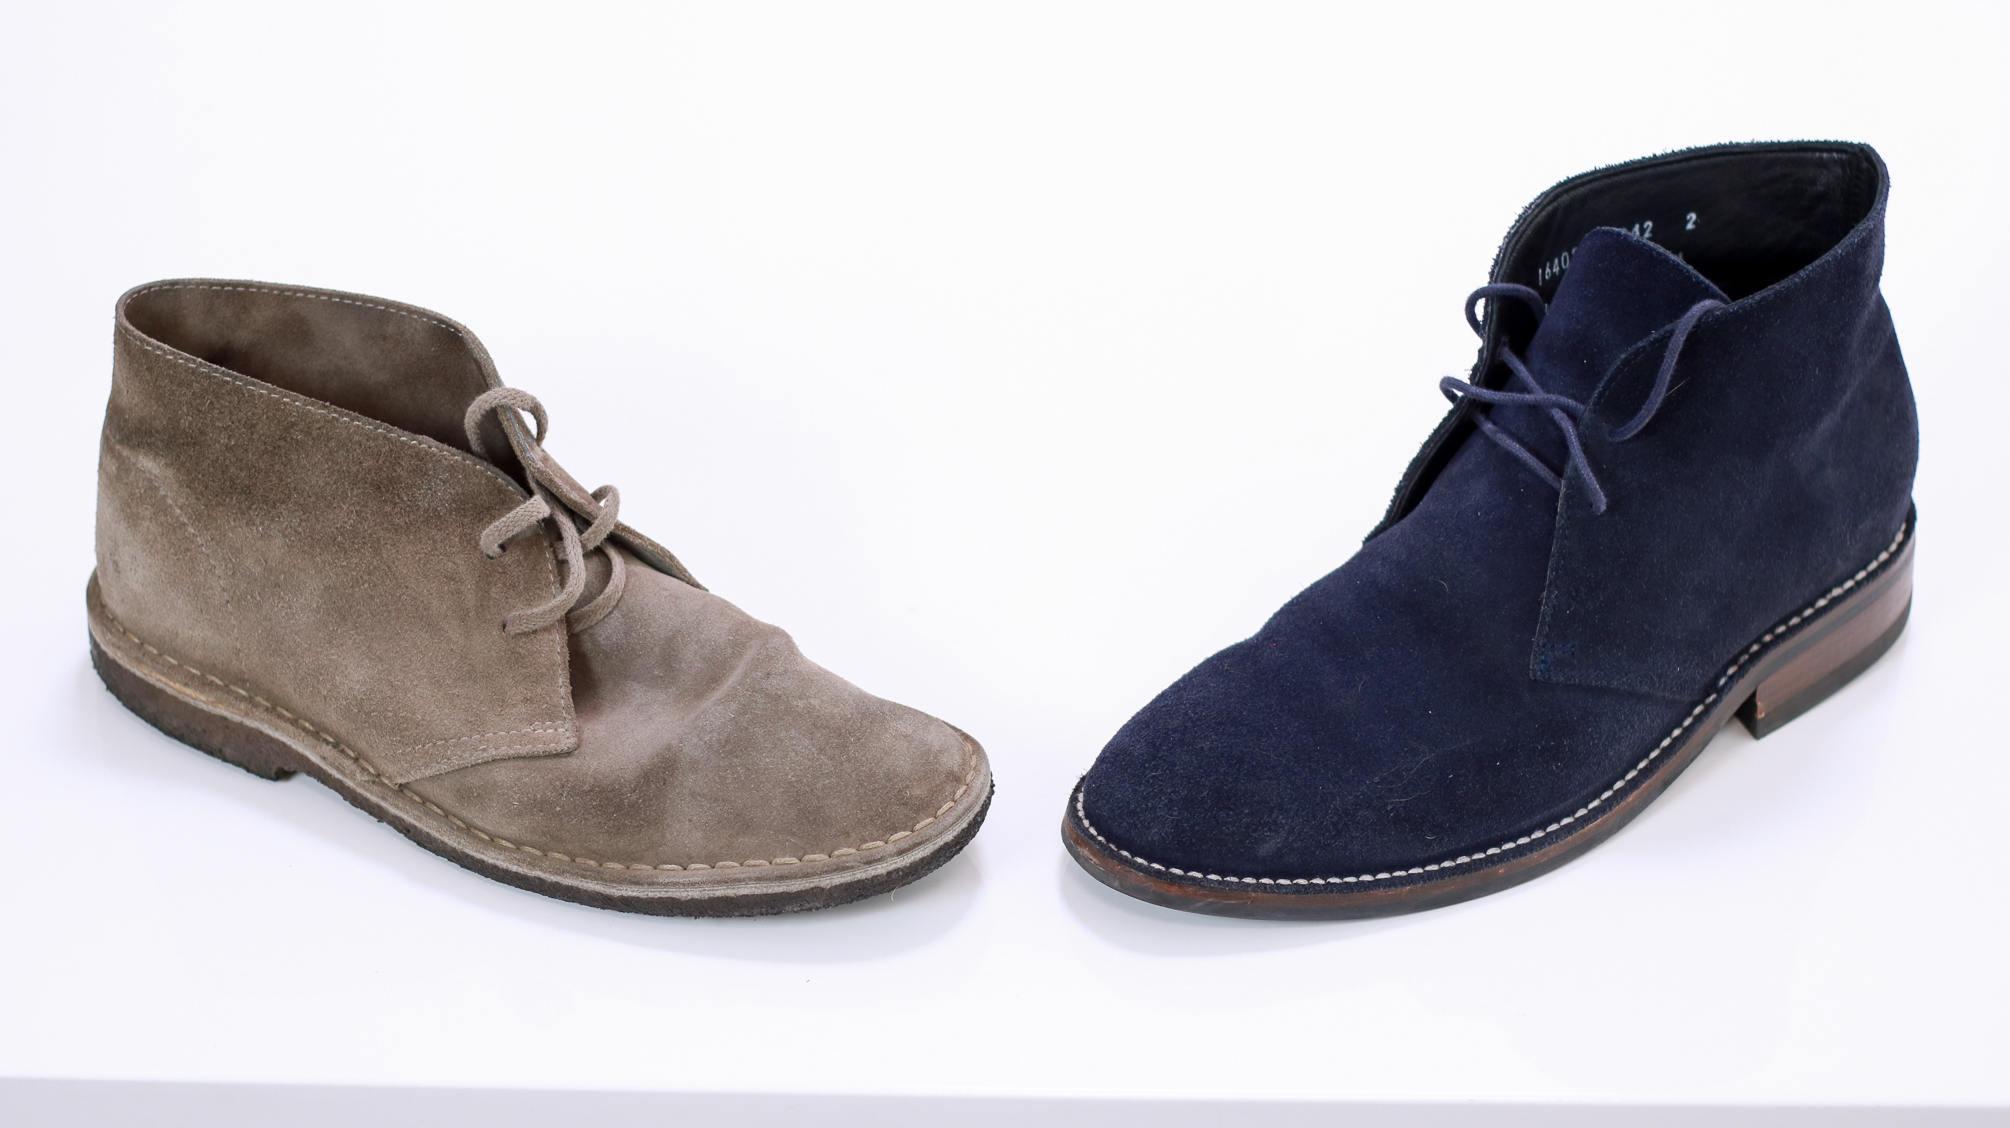 Desert boot vs chukka